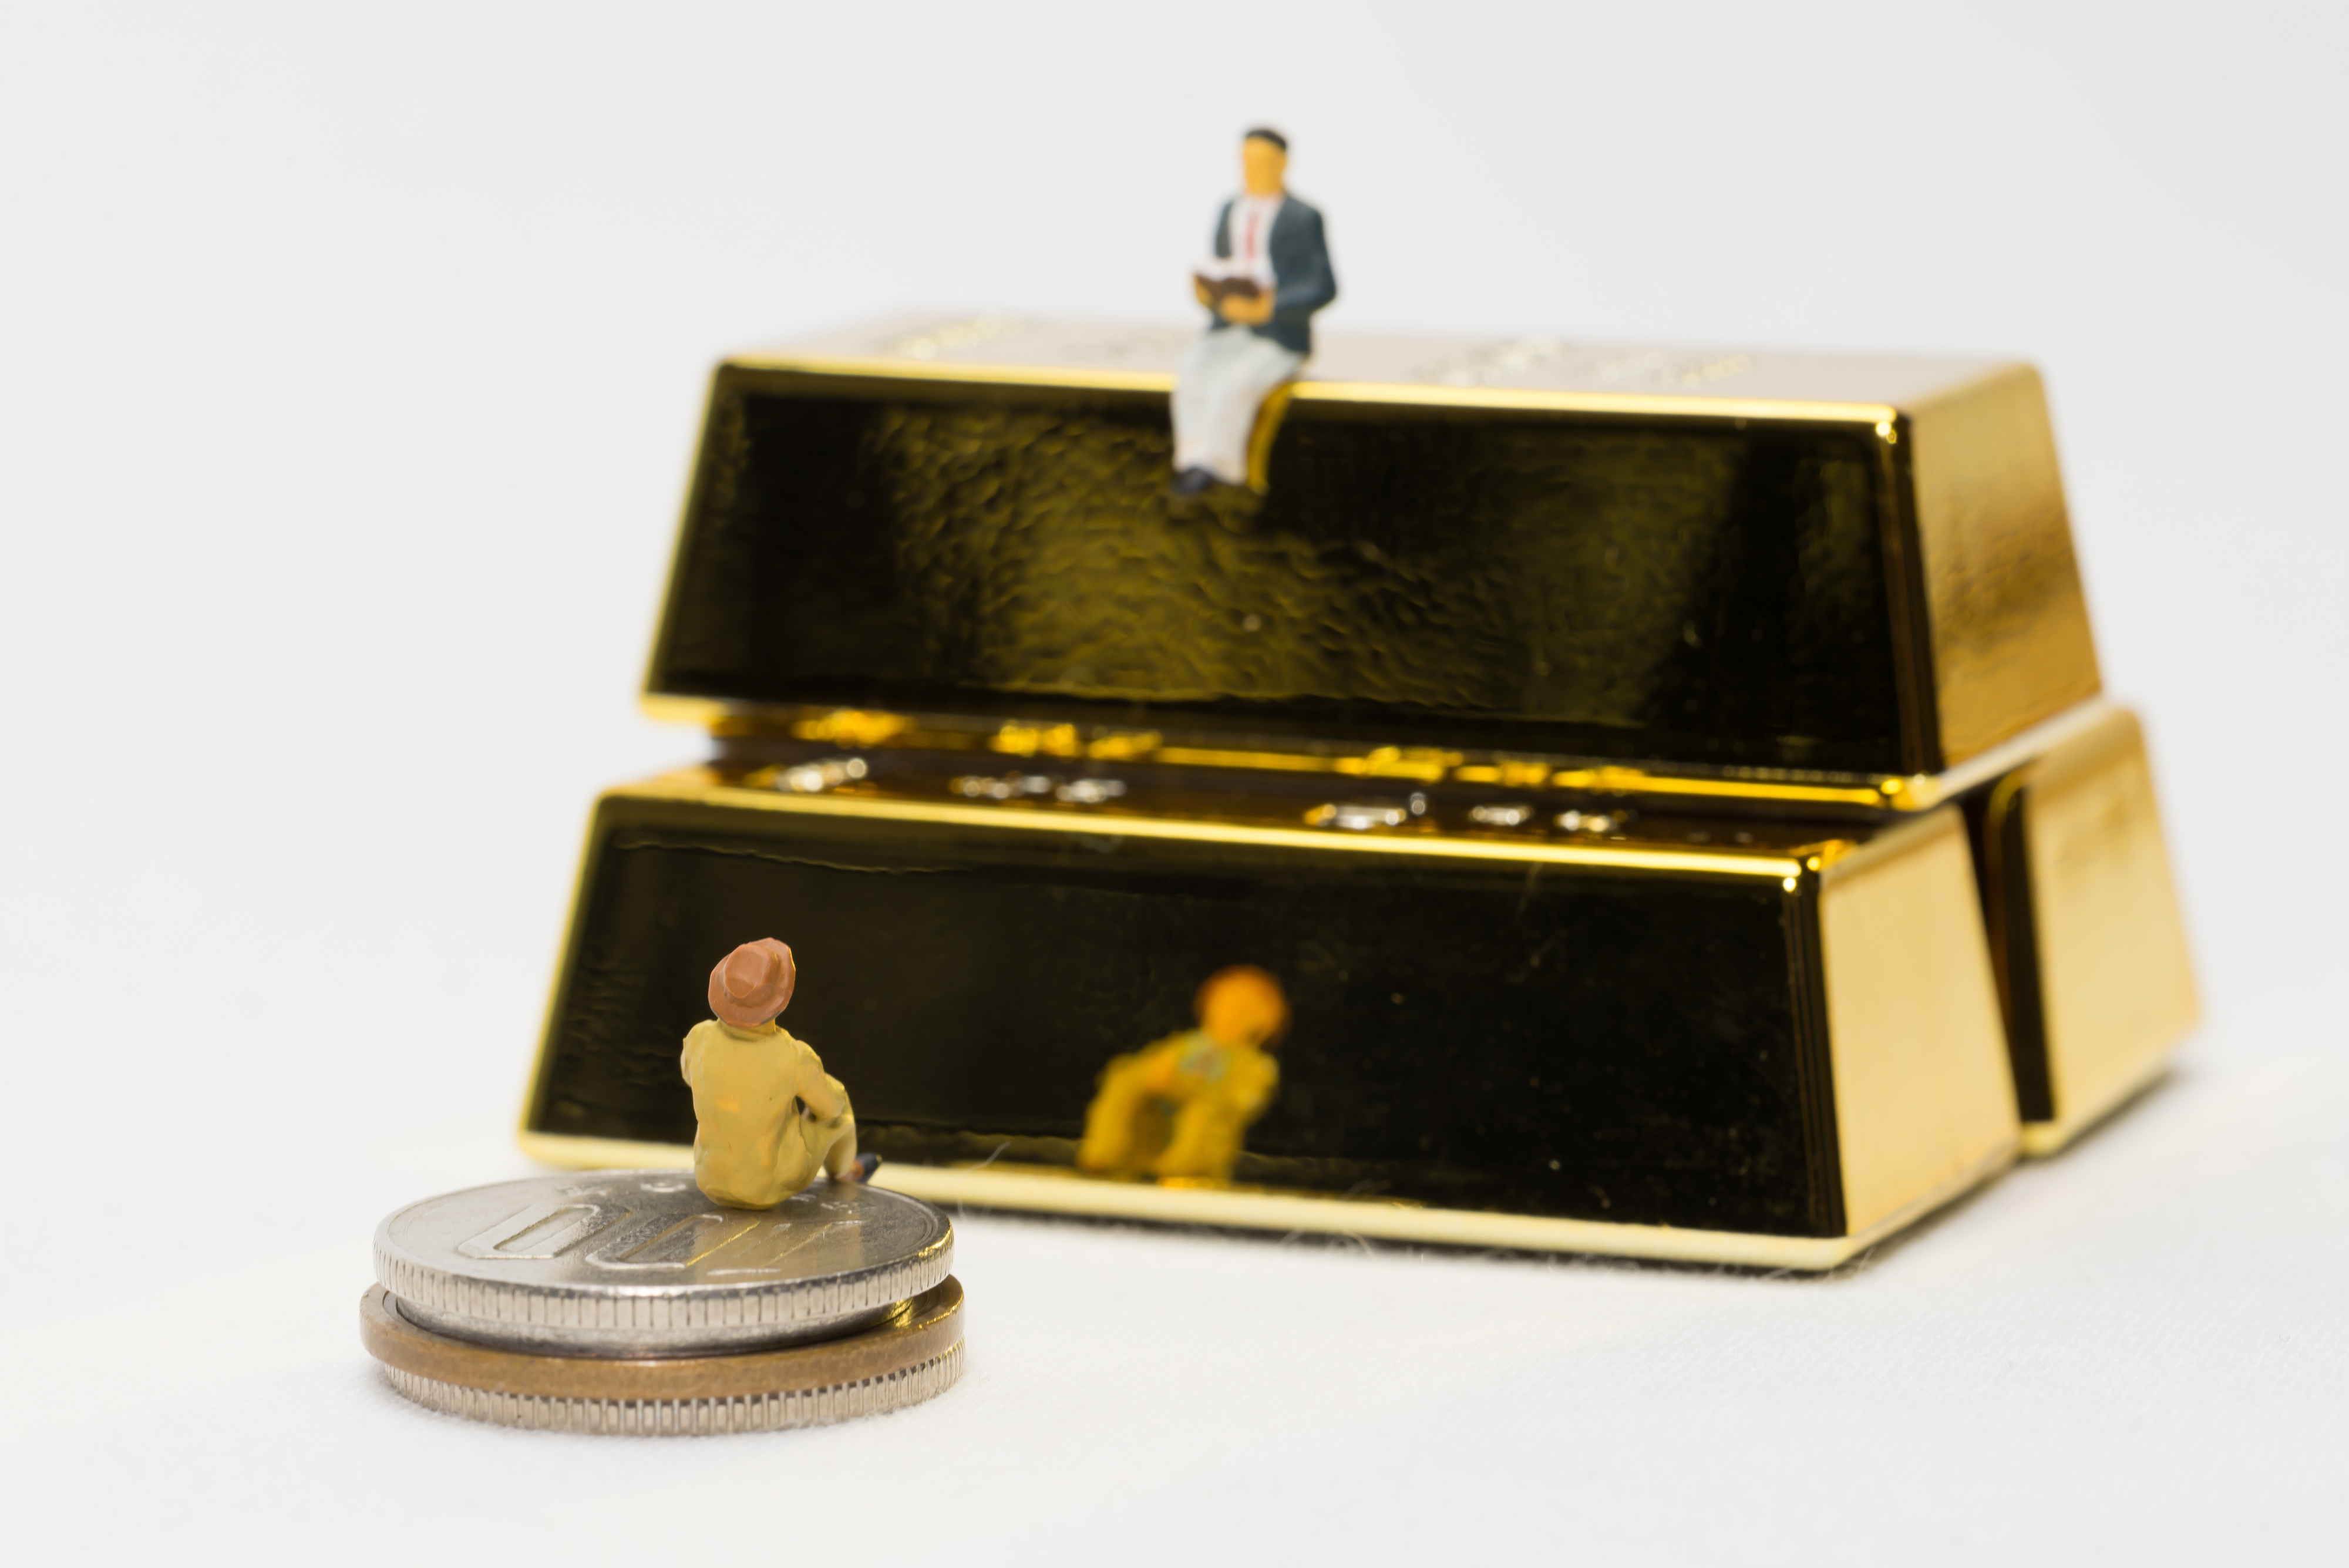 お金持ちになる方法、お金が寄ってくる習慣、お金持ちになる人の特徴!